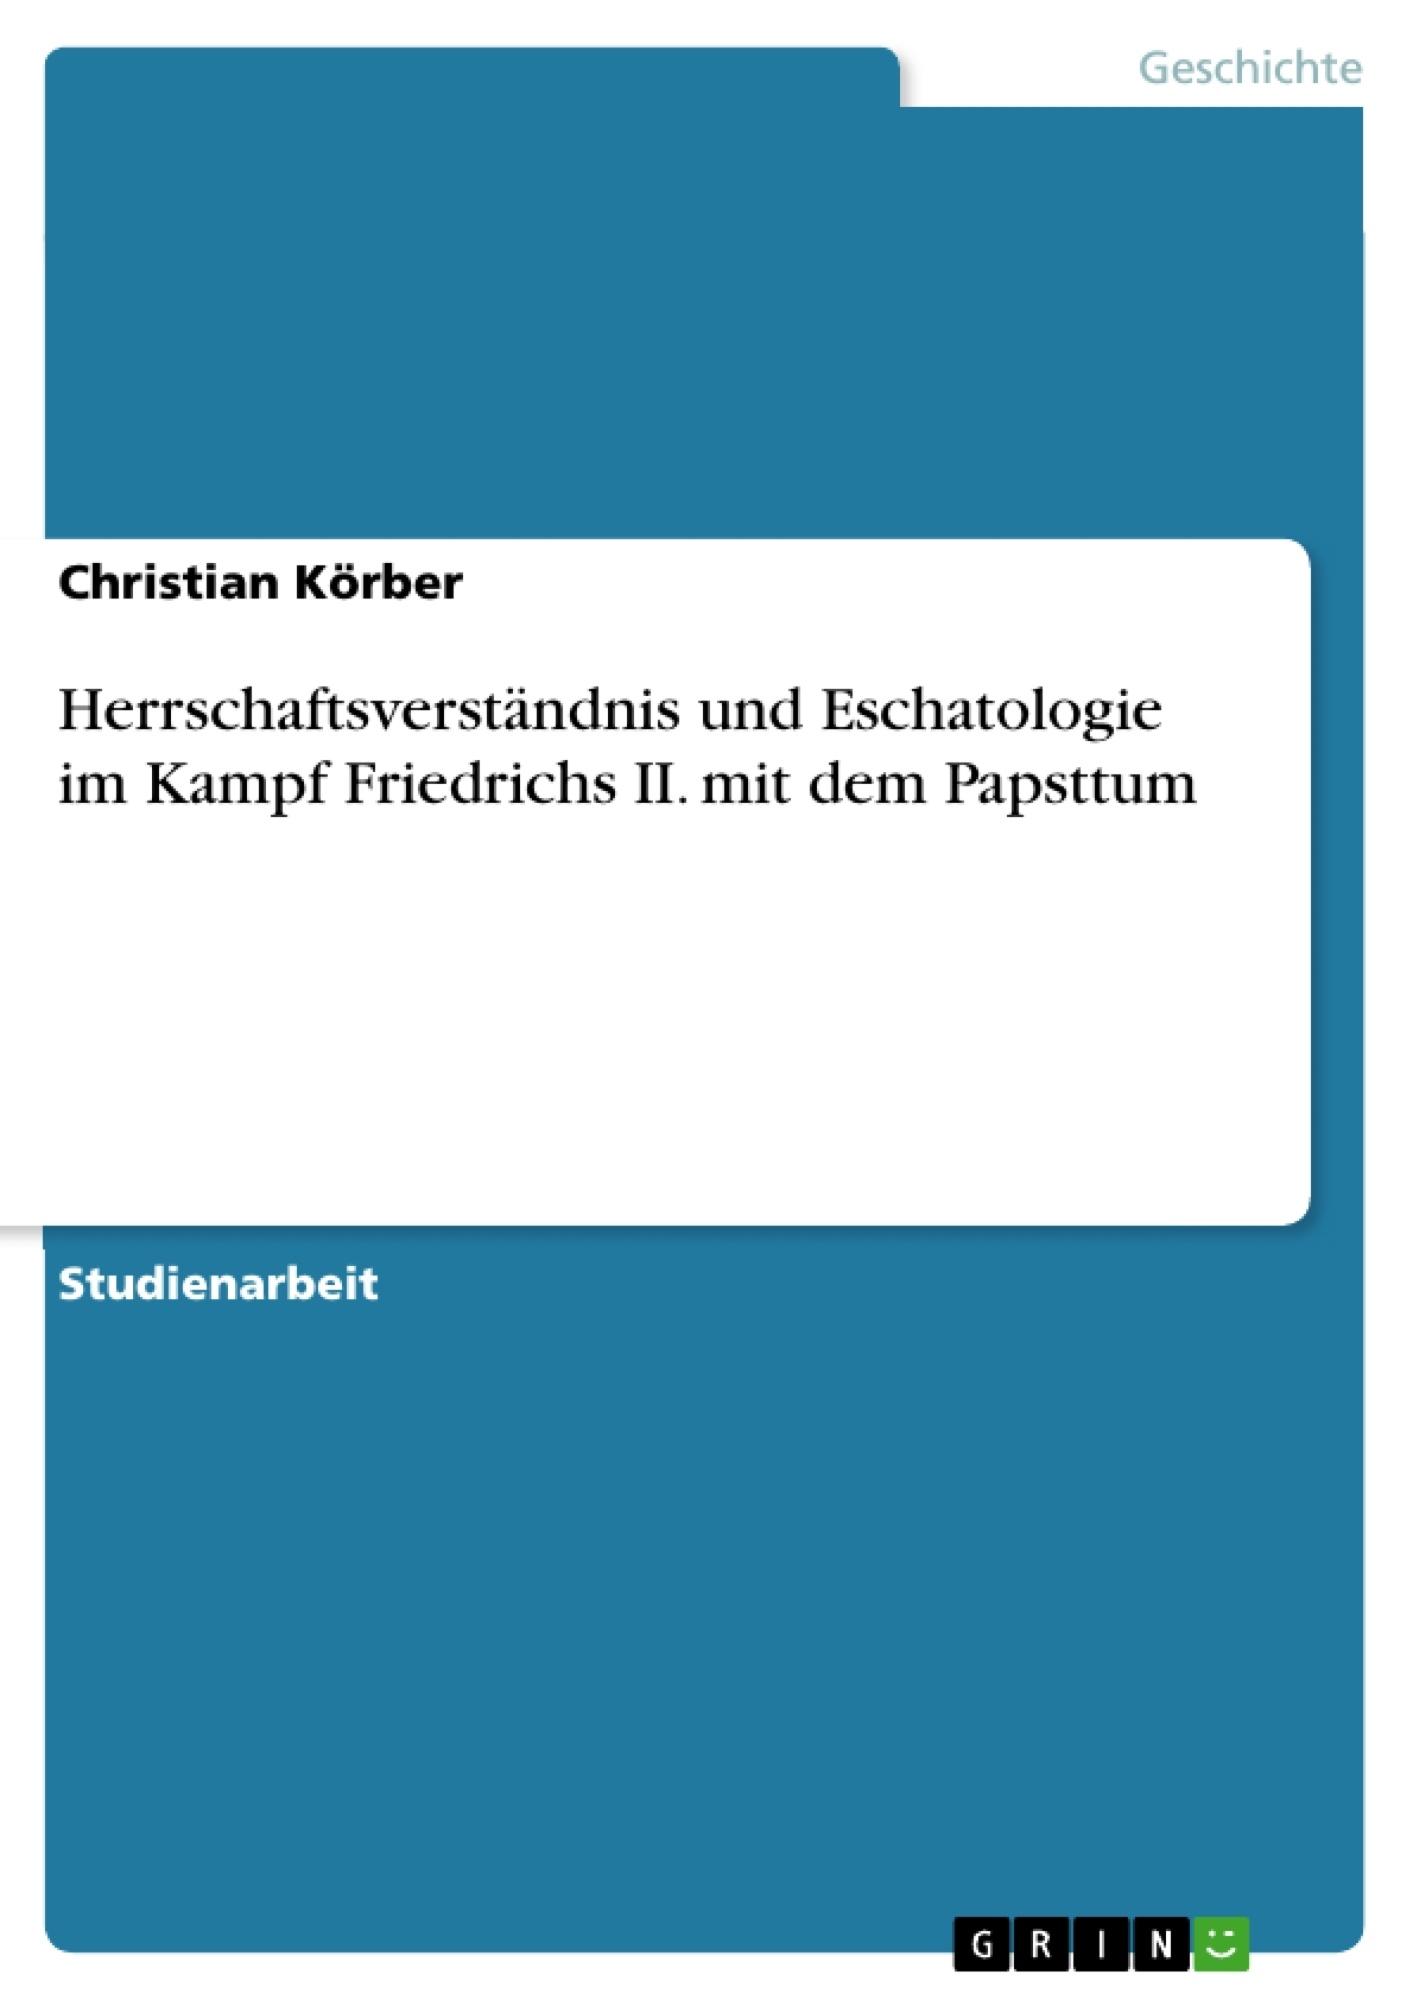 Titel: Herrschaftsverständnis und  Eschatologie im Kampf Friedrichs II. mit dem Papsttum